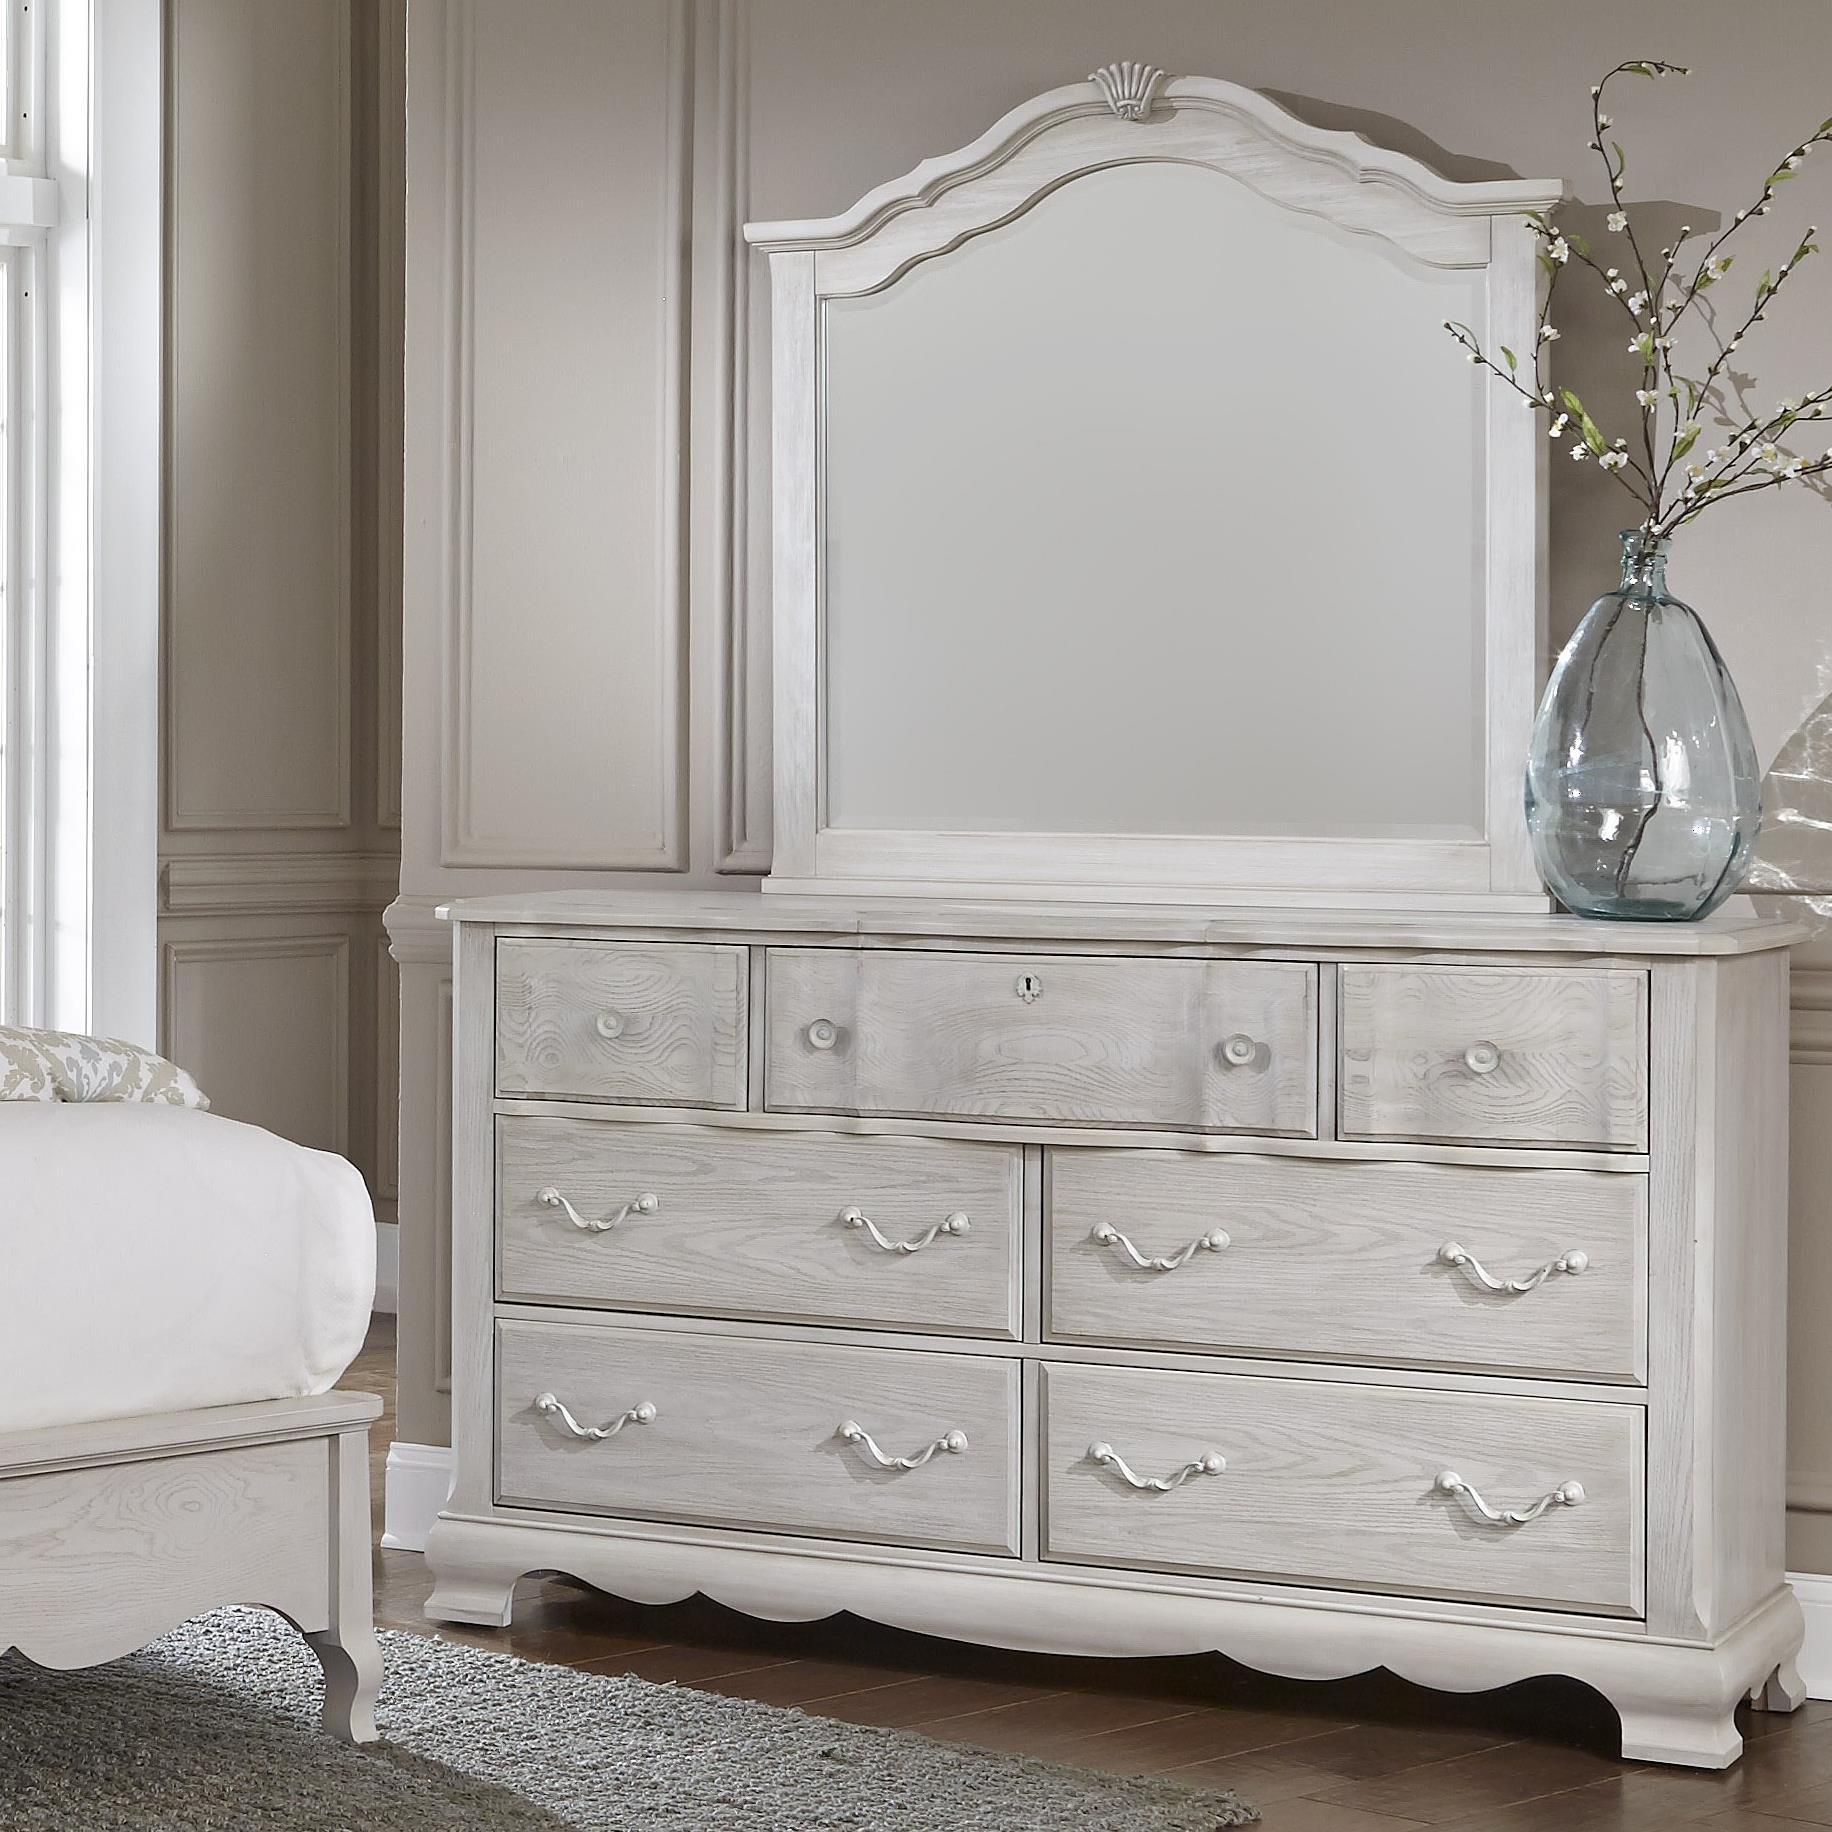 Vaughan Bassett Villa Sophia Dresser & Shelter Mirror - Item Number: 524-002+447